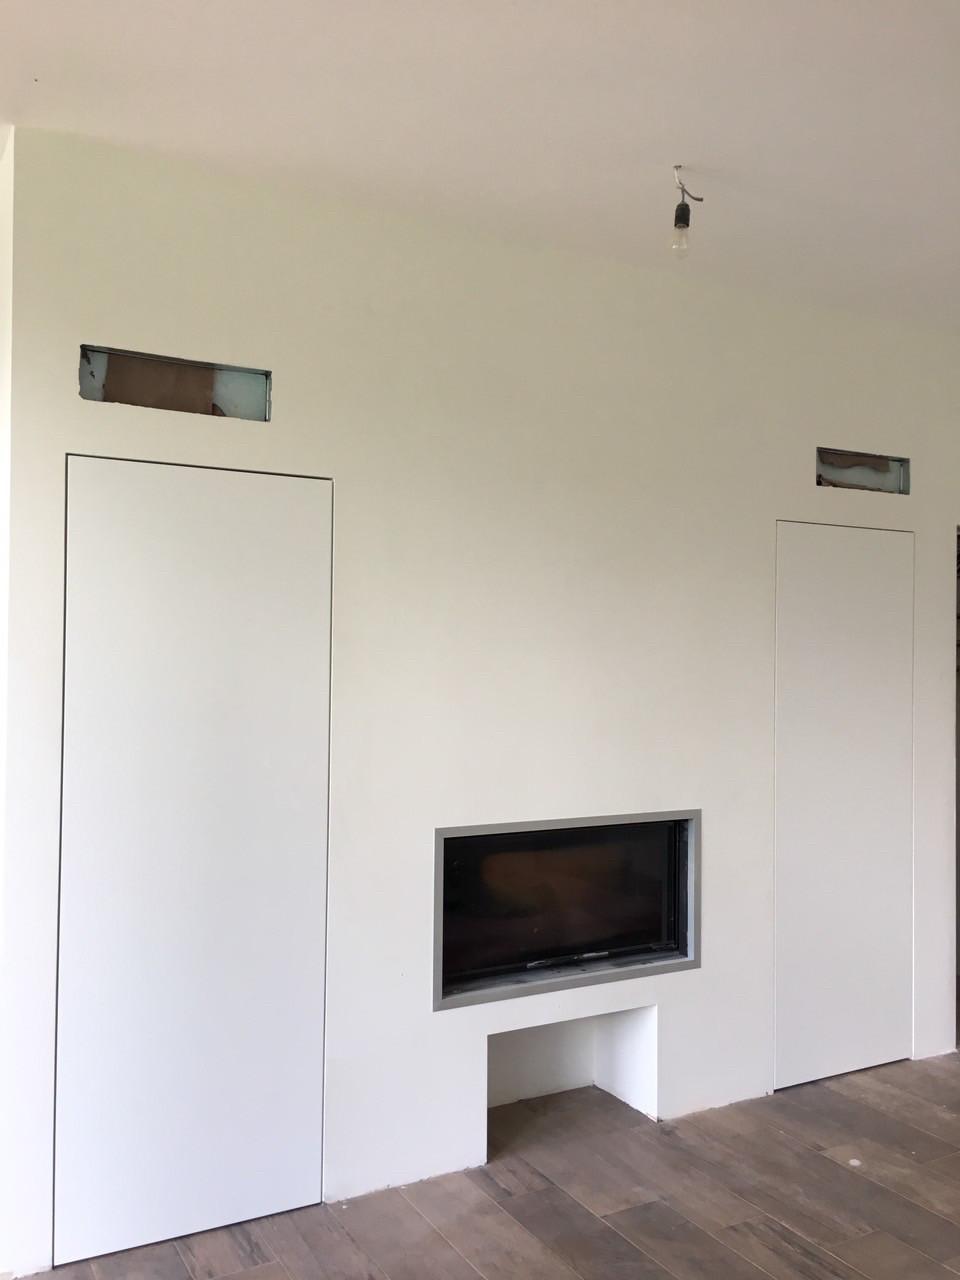 Шкафы встроенные в стену